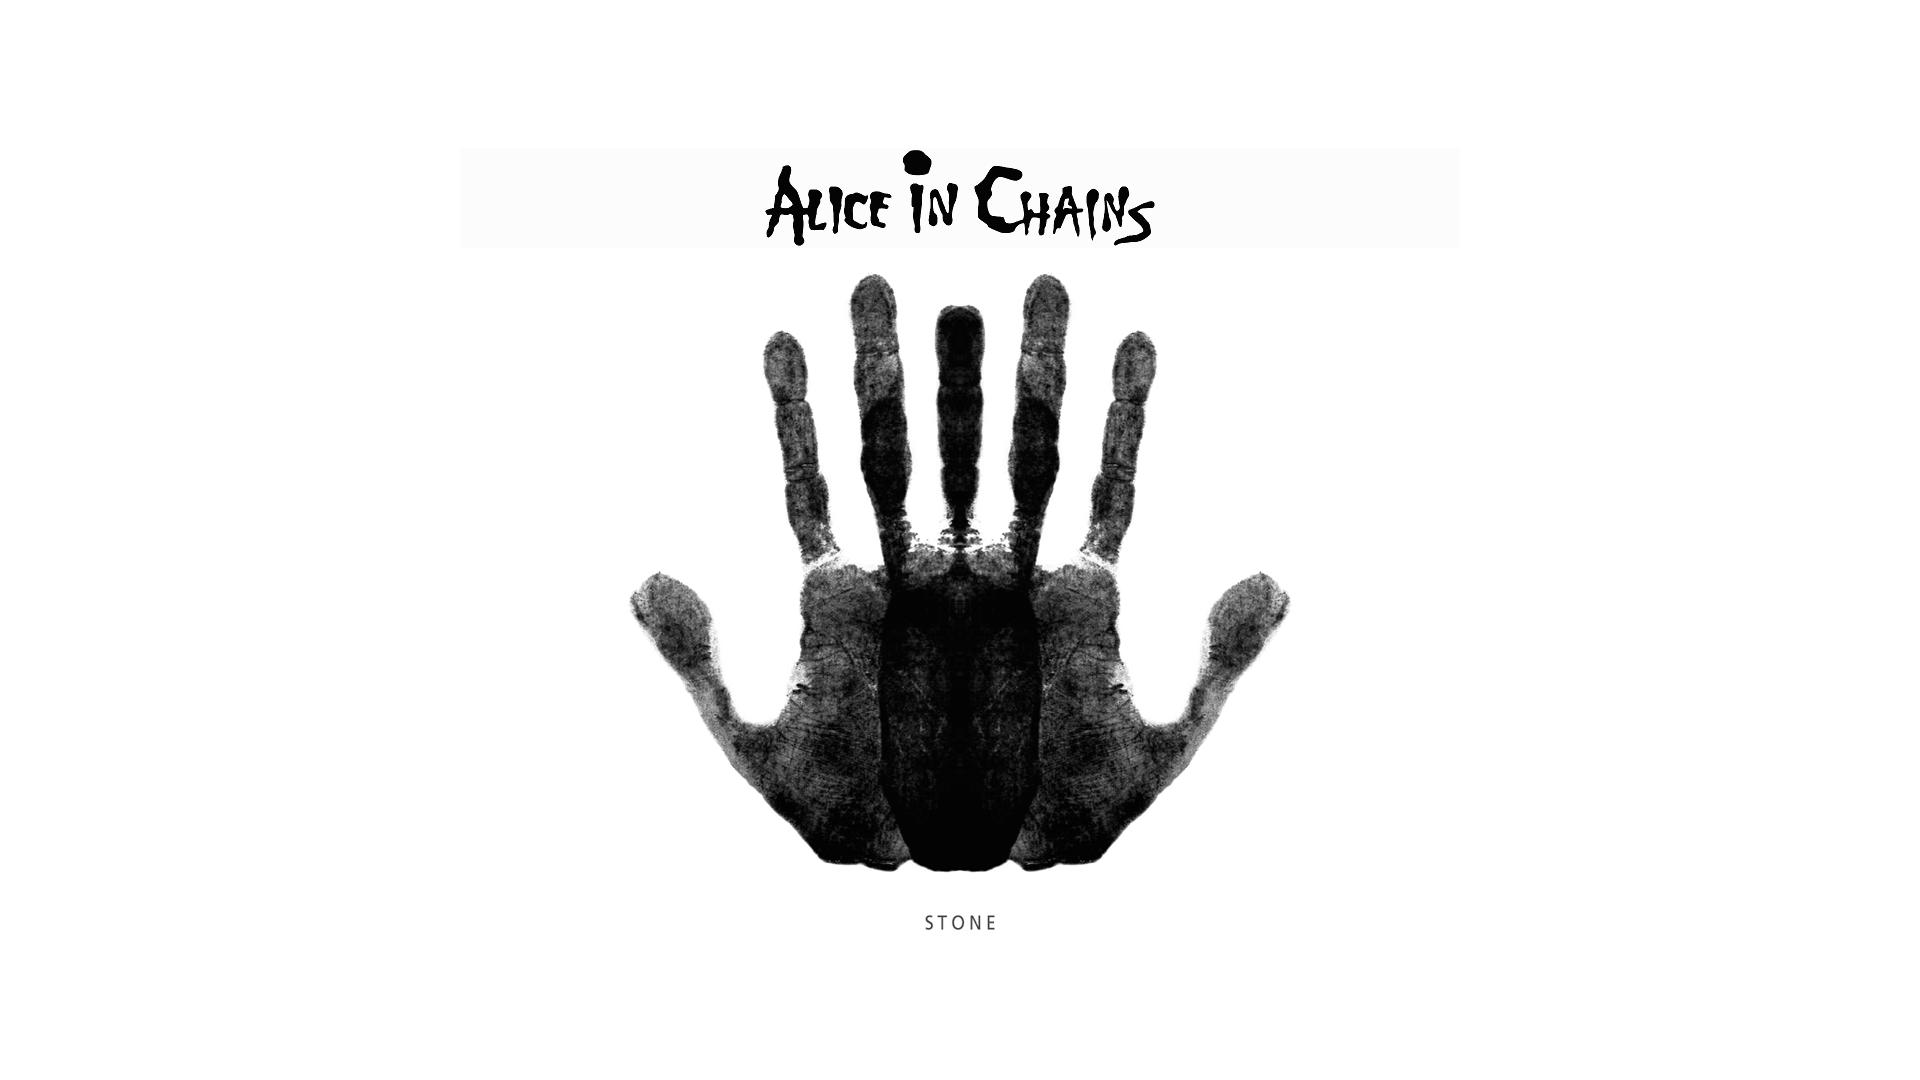 Alice In Chains Stone Wallpaper By ORANGEMAN80 On DeviantArt